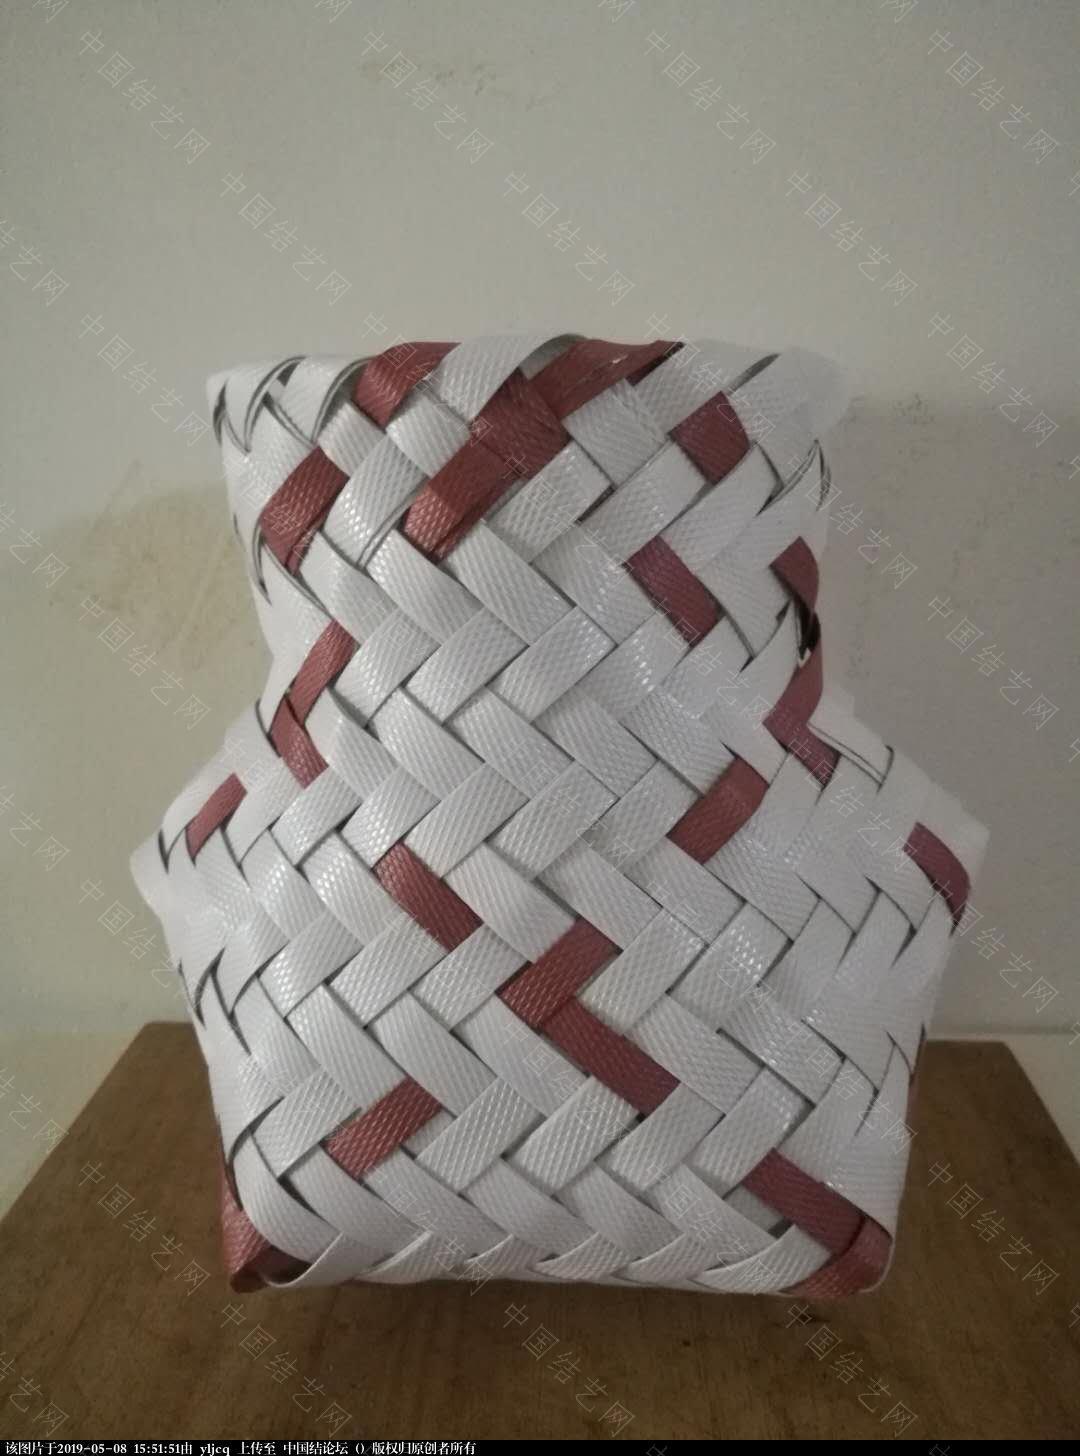 中国结论坛 打包带编织鱼篓  作品展示 155127wq7bqq6s6a116sao